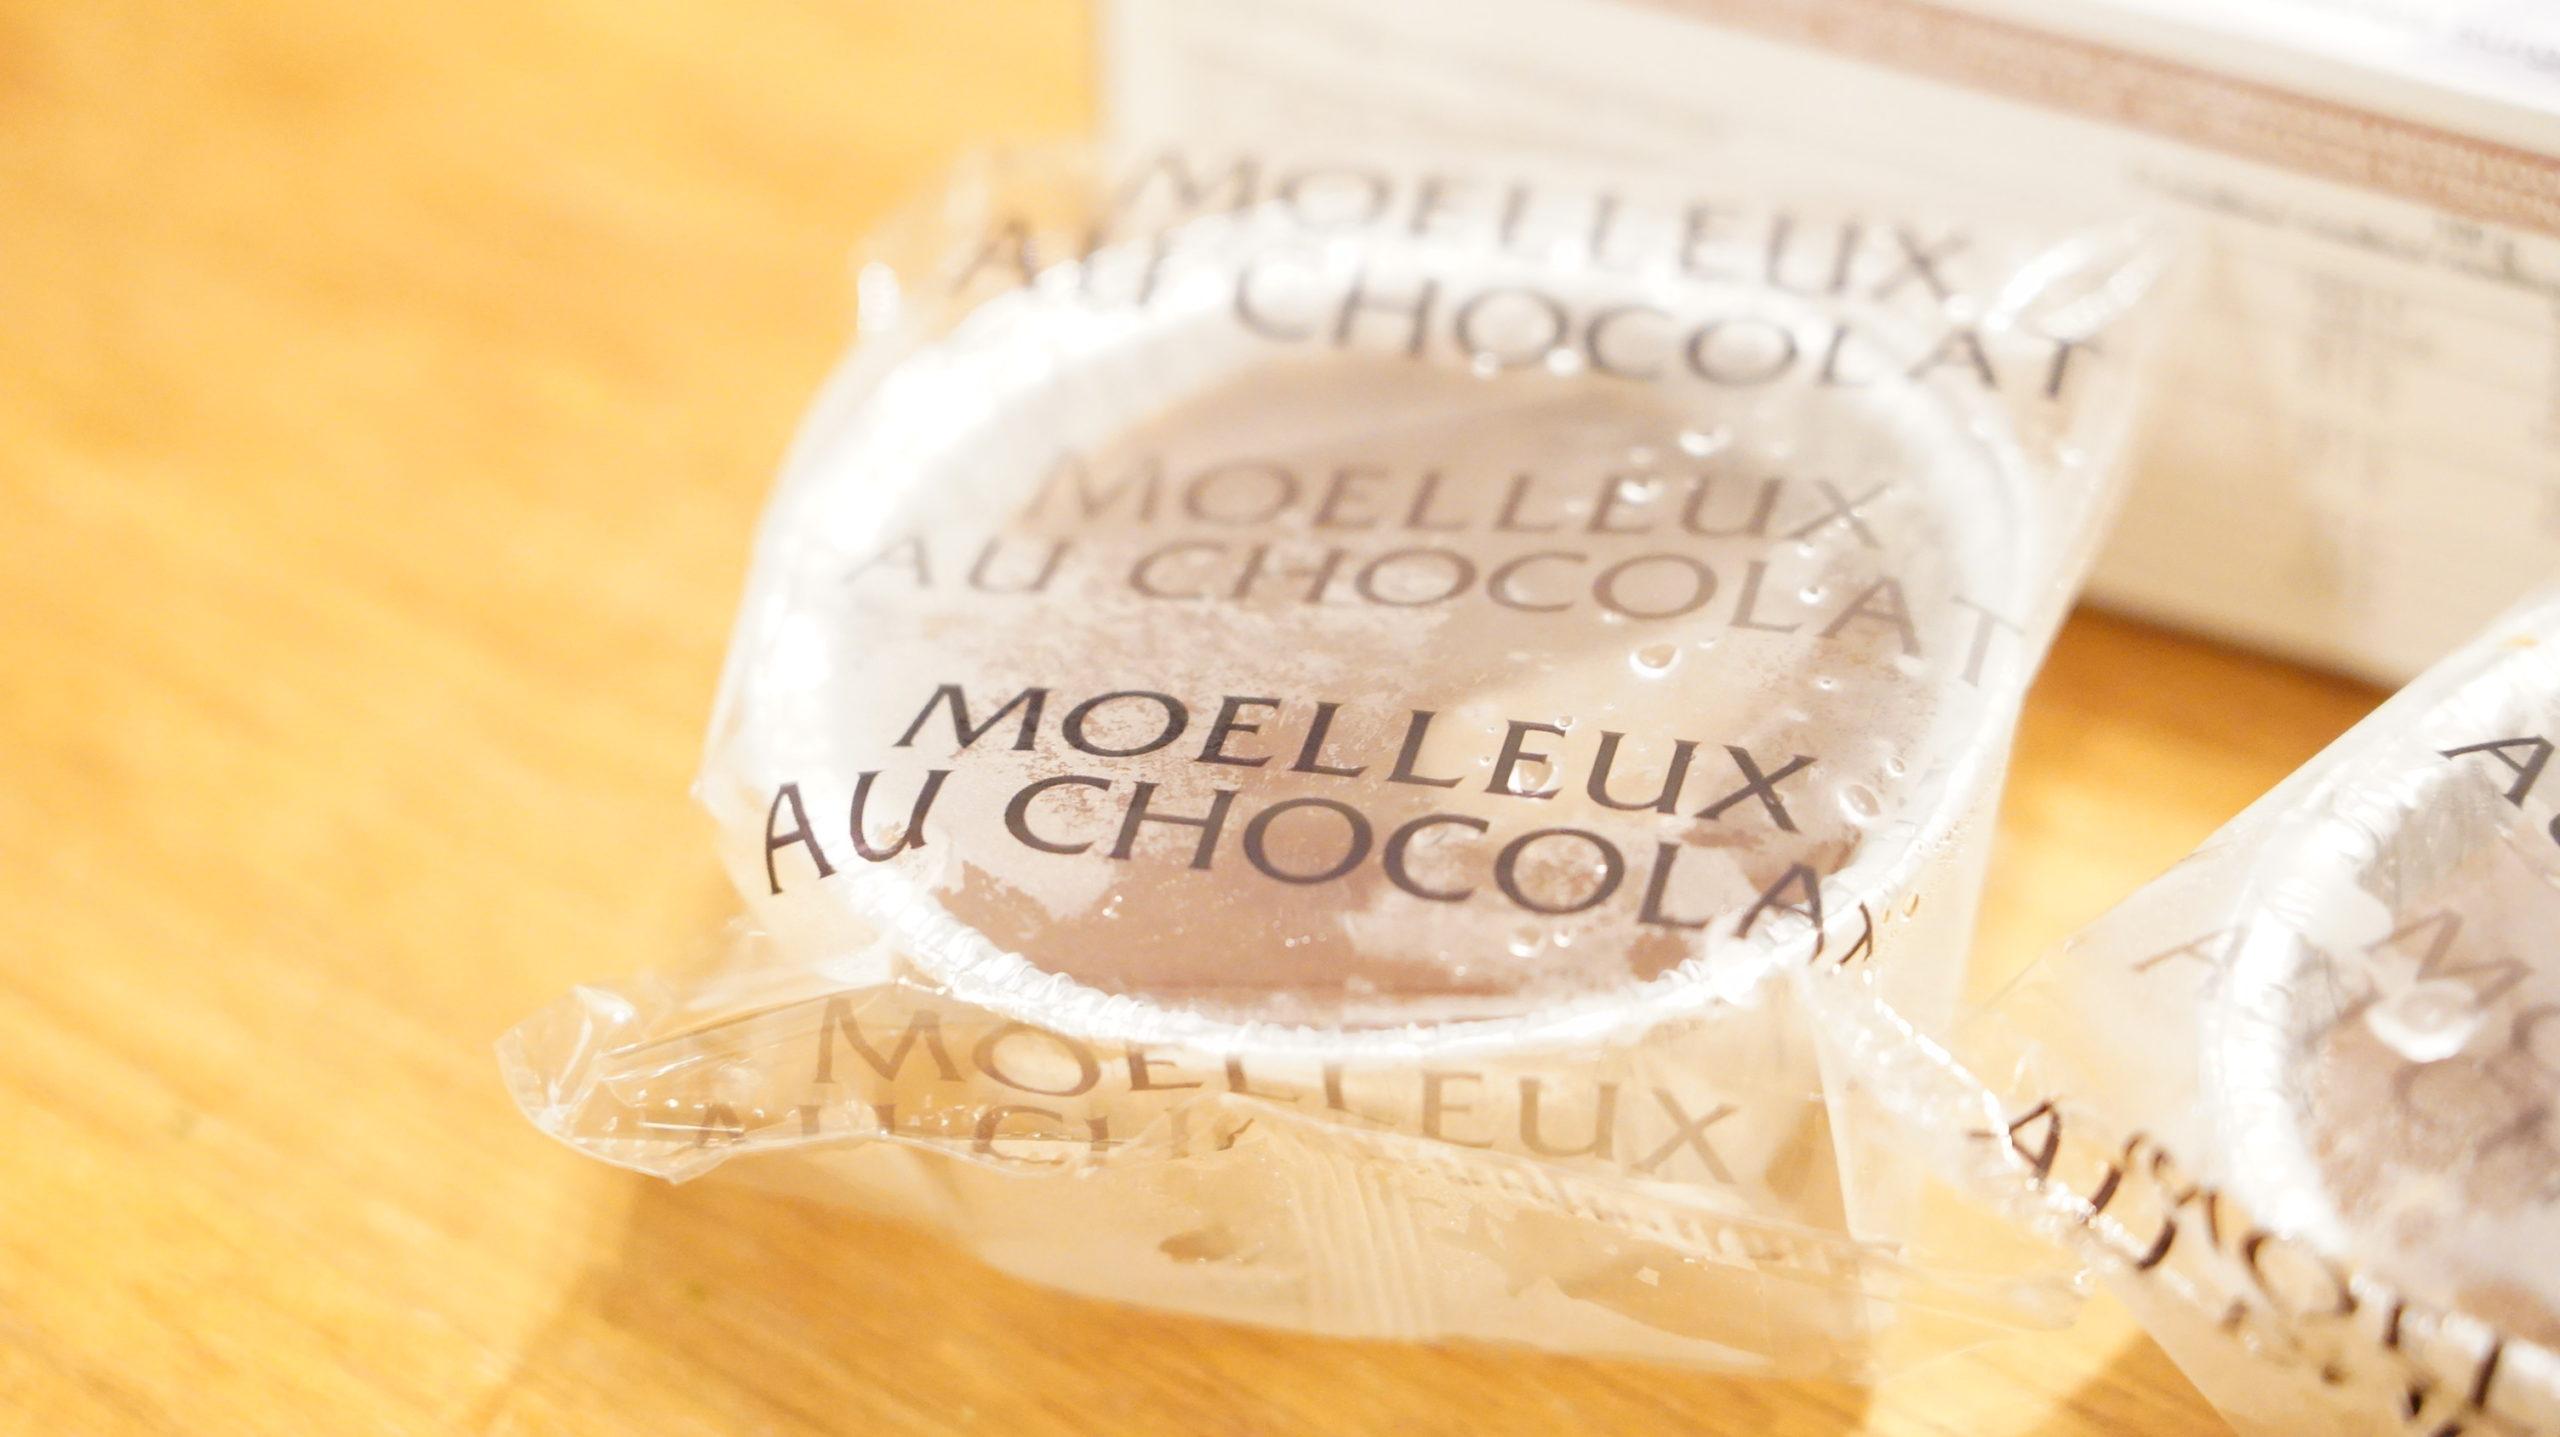 ピカールの冷凍食品「モアローショコラ」のたっぷり200g入っている様子